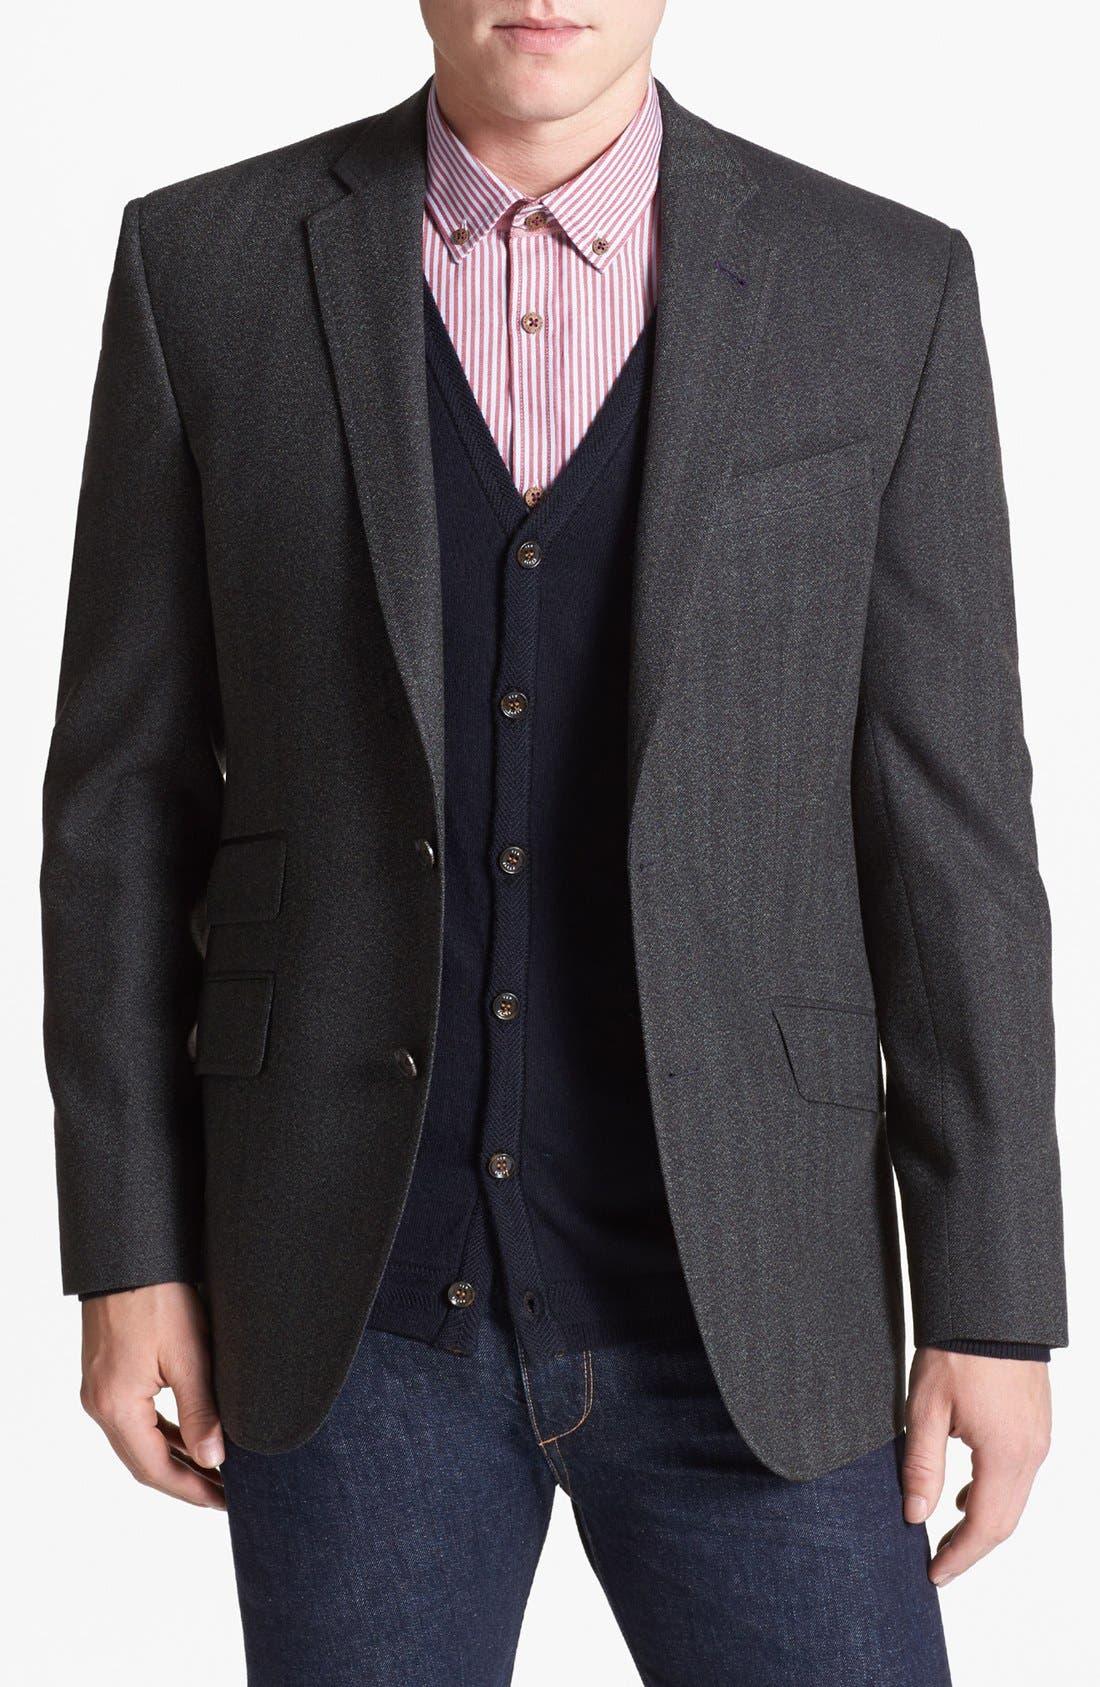 Main Image - Ted Baker London 'Jim' Trim Fit Herringbone Sportcoat